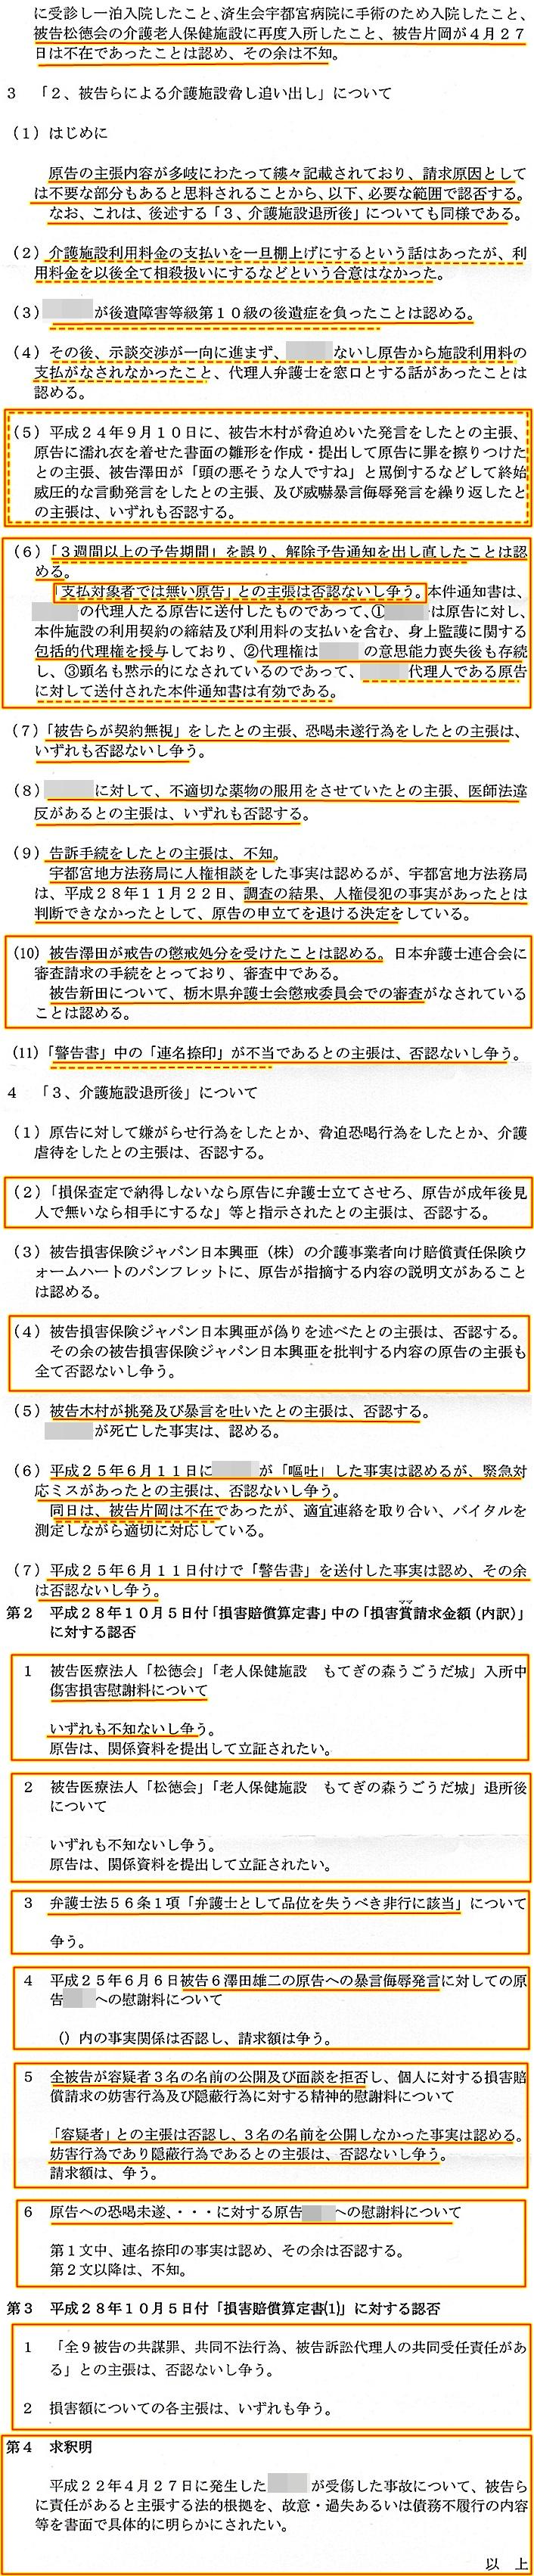 準備書面 澤田雄二弁護士 うごうだ城 損保ジャパン日本興亜1